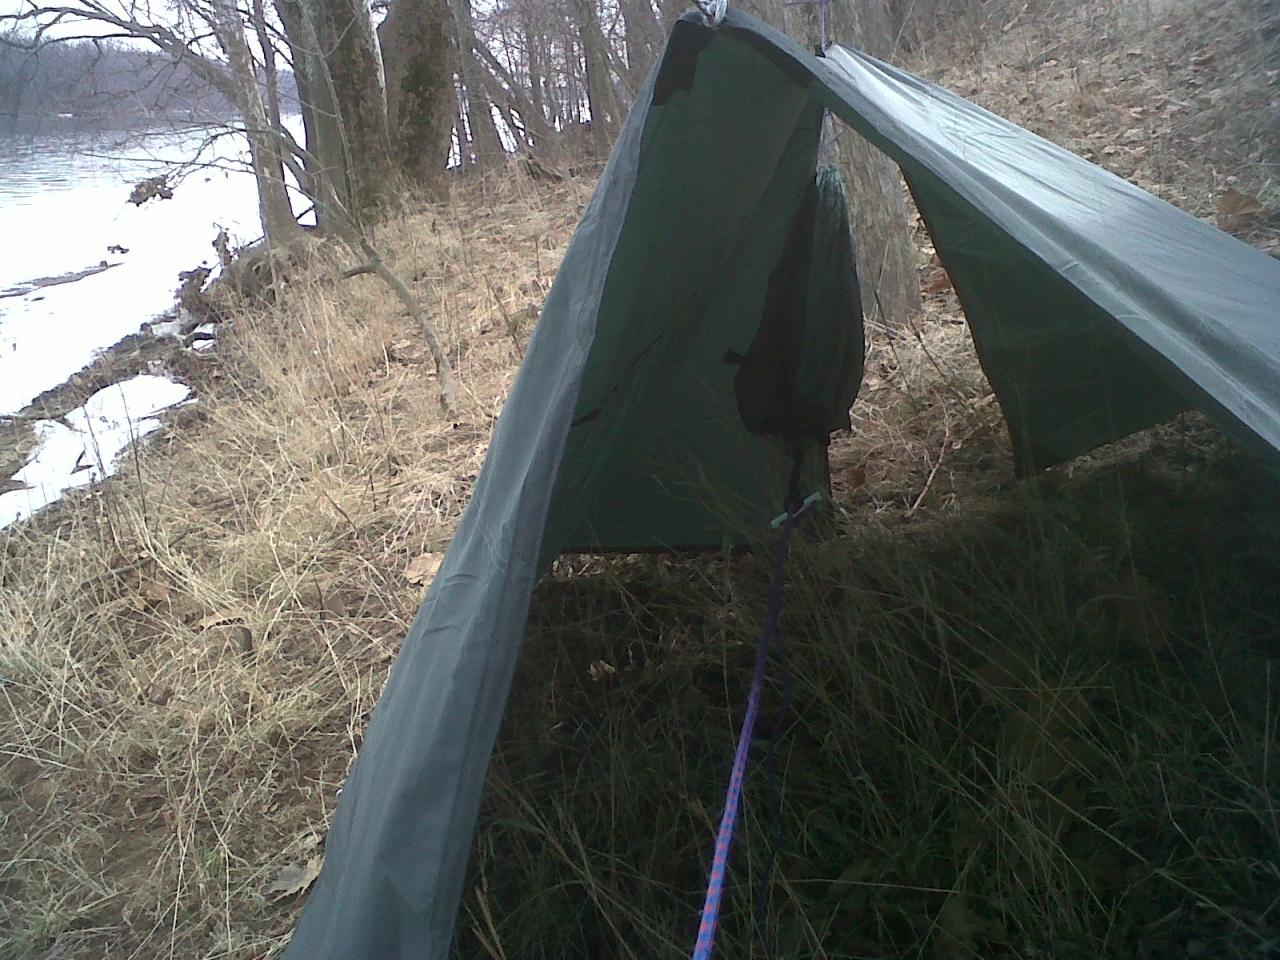 Hammock Camping Photos